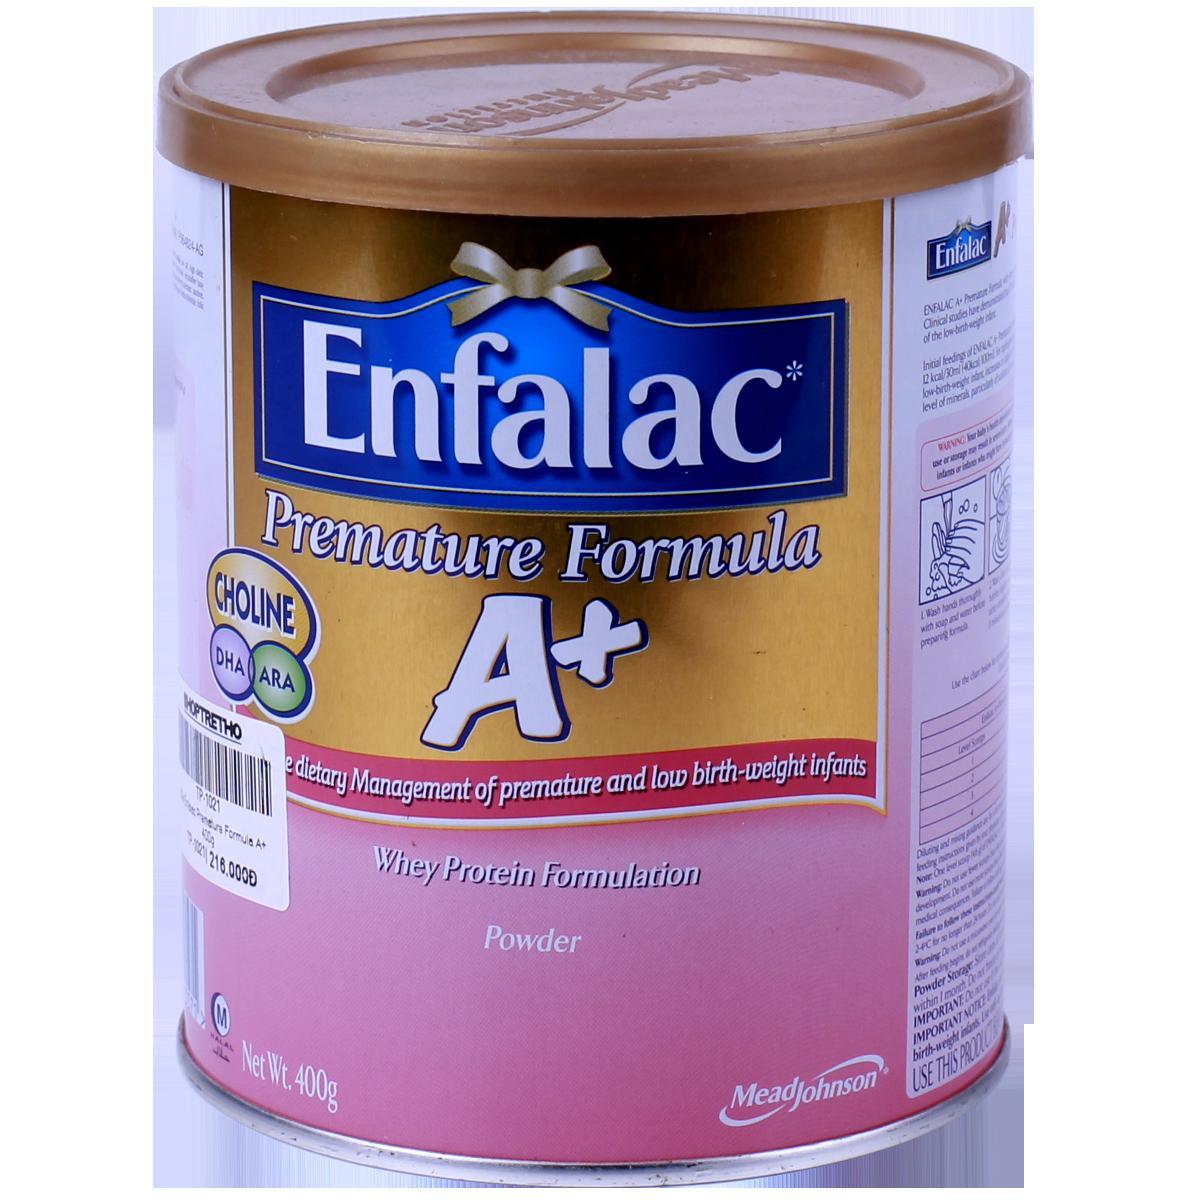 Sữa Enfalac Premature Formula A+ 400g